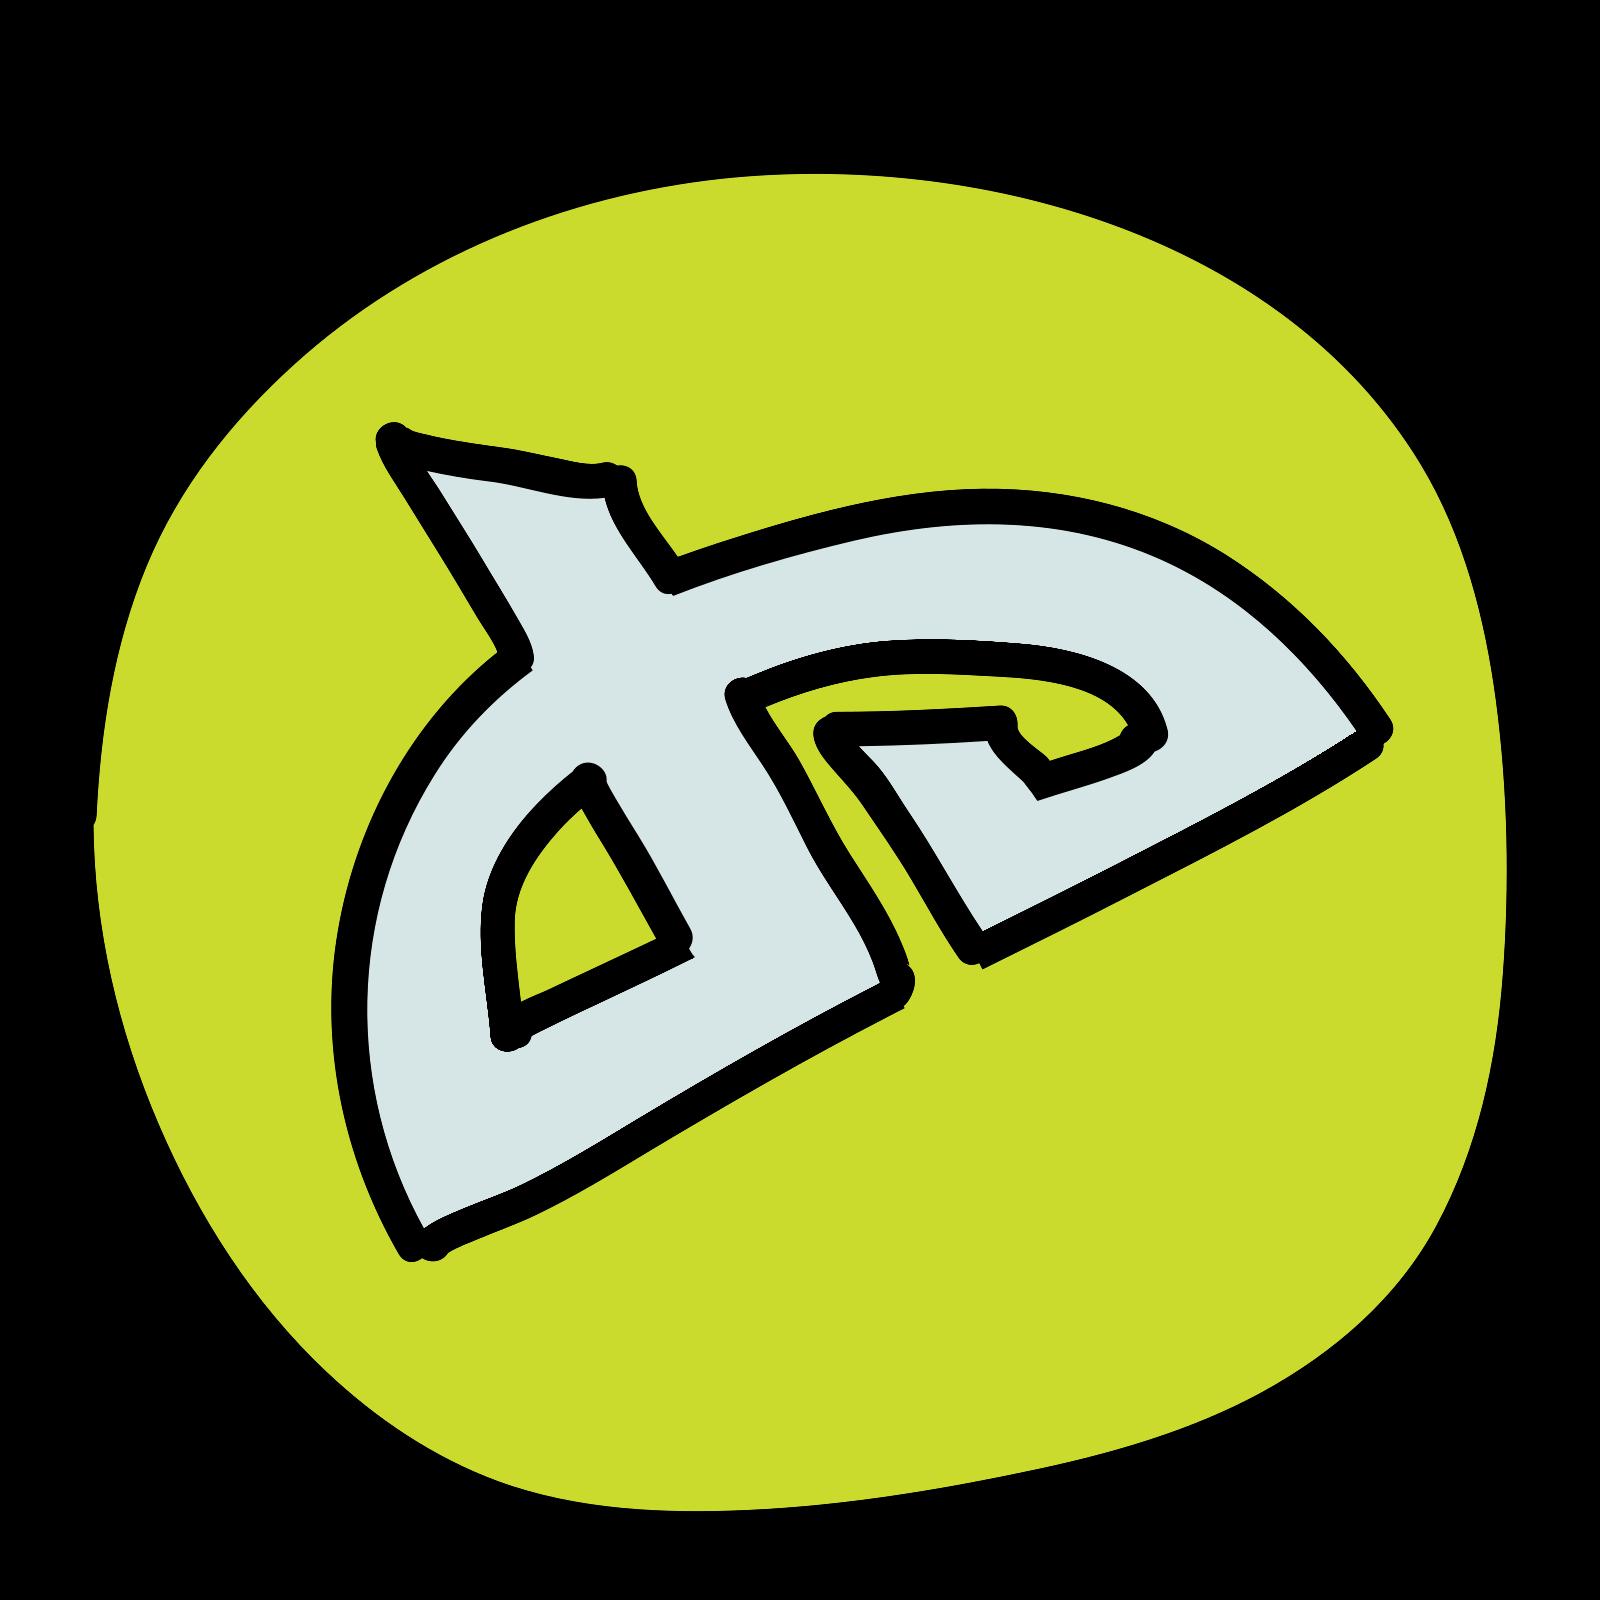 Devianart Logos icon